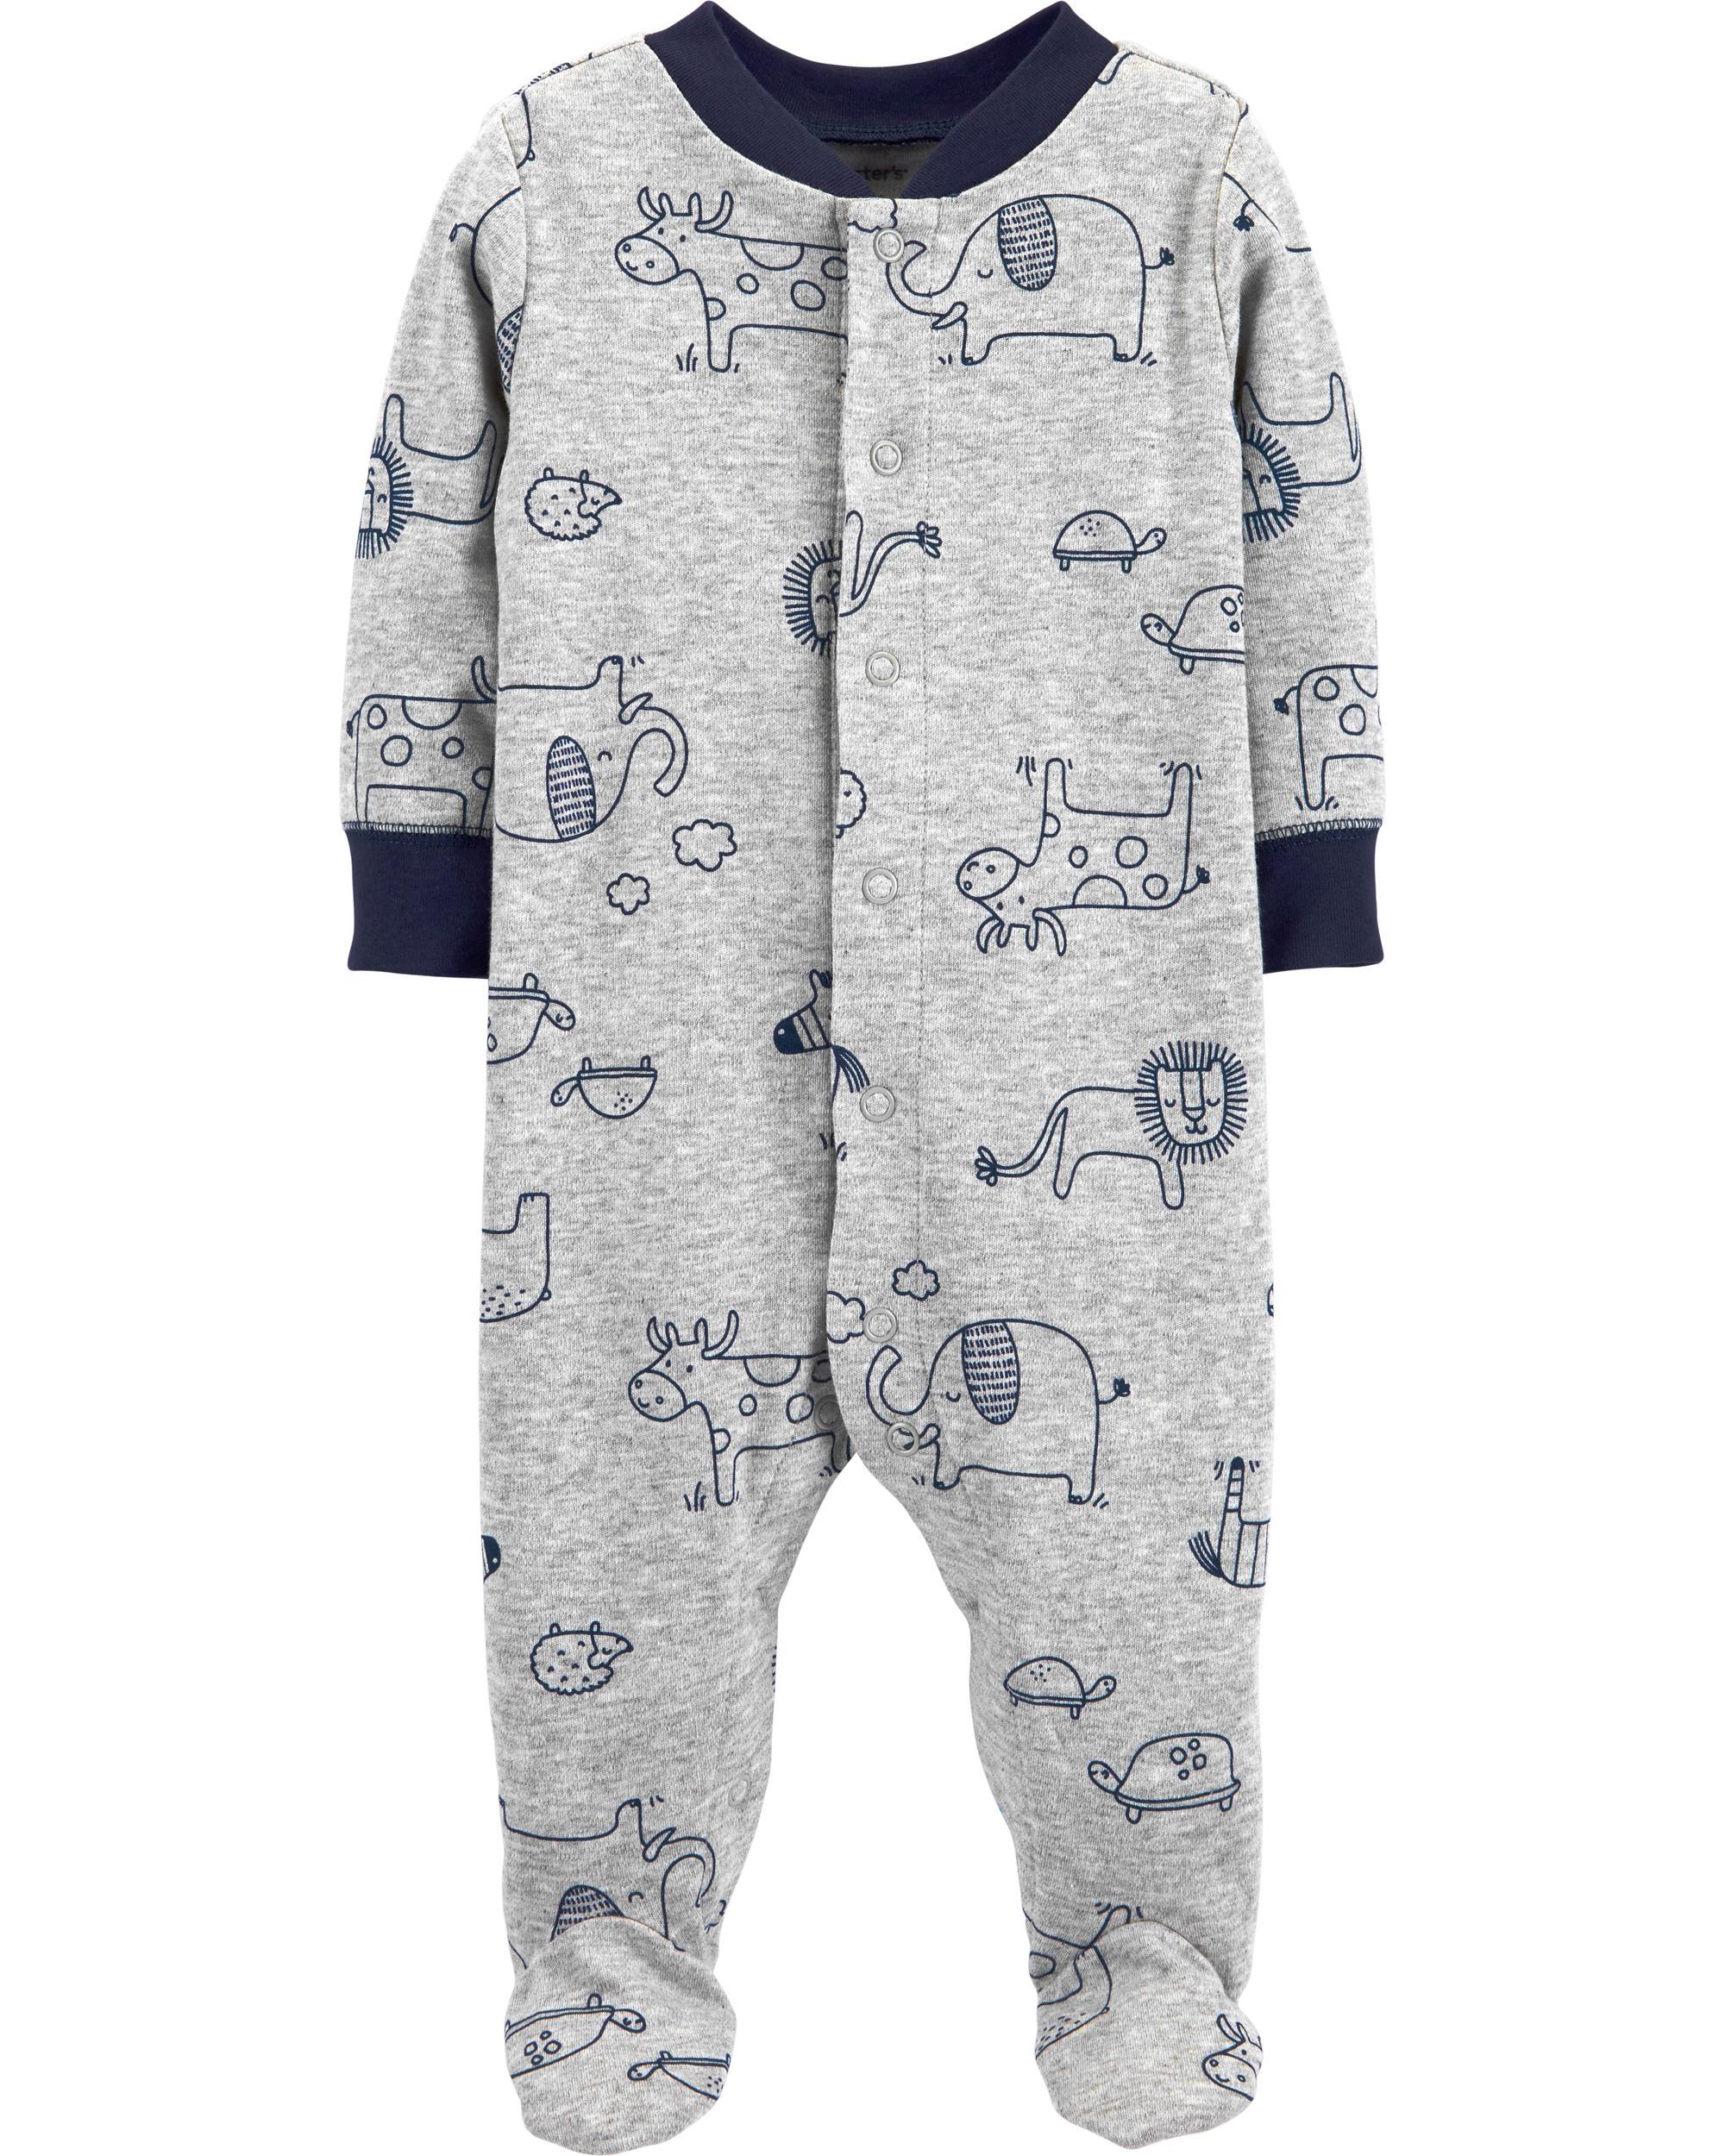 Carter's Pijama Animale imagine